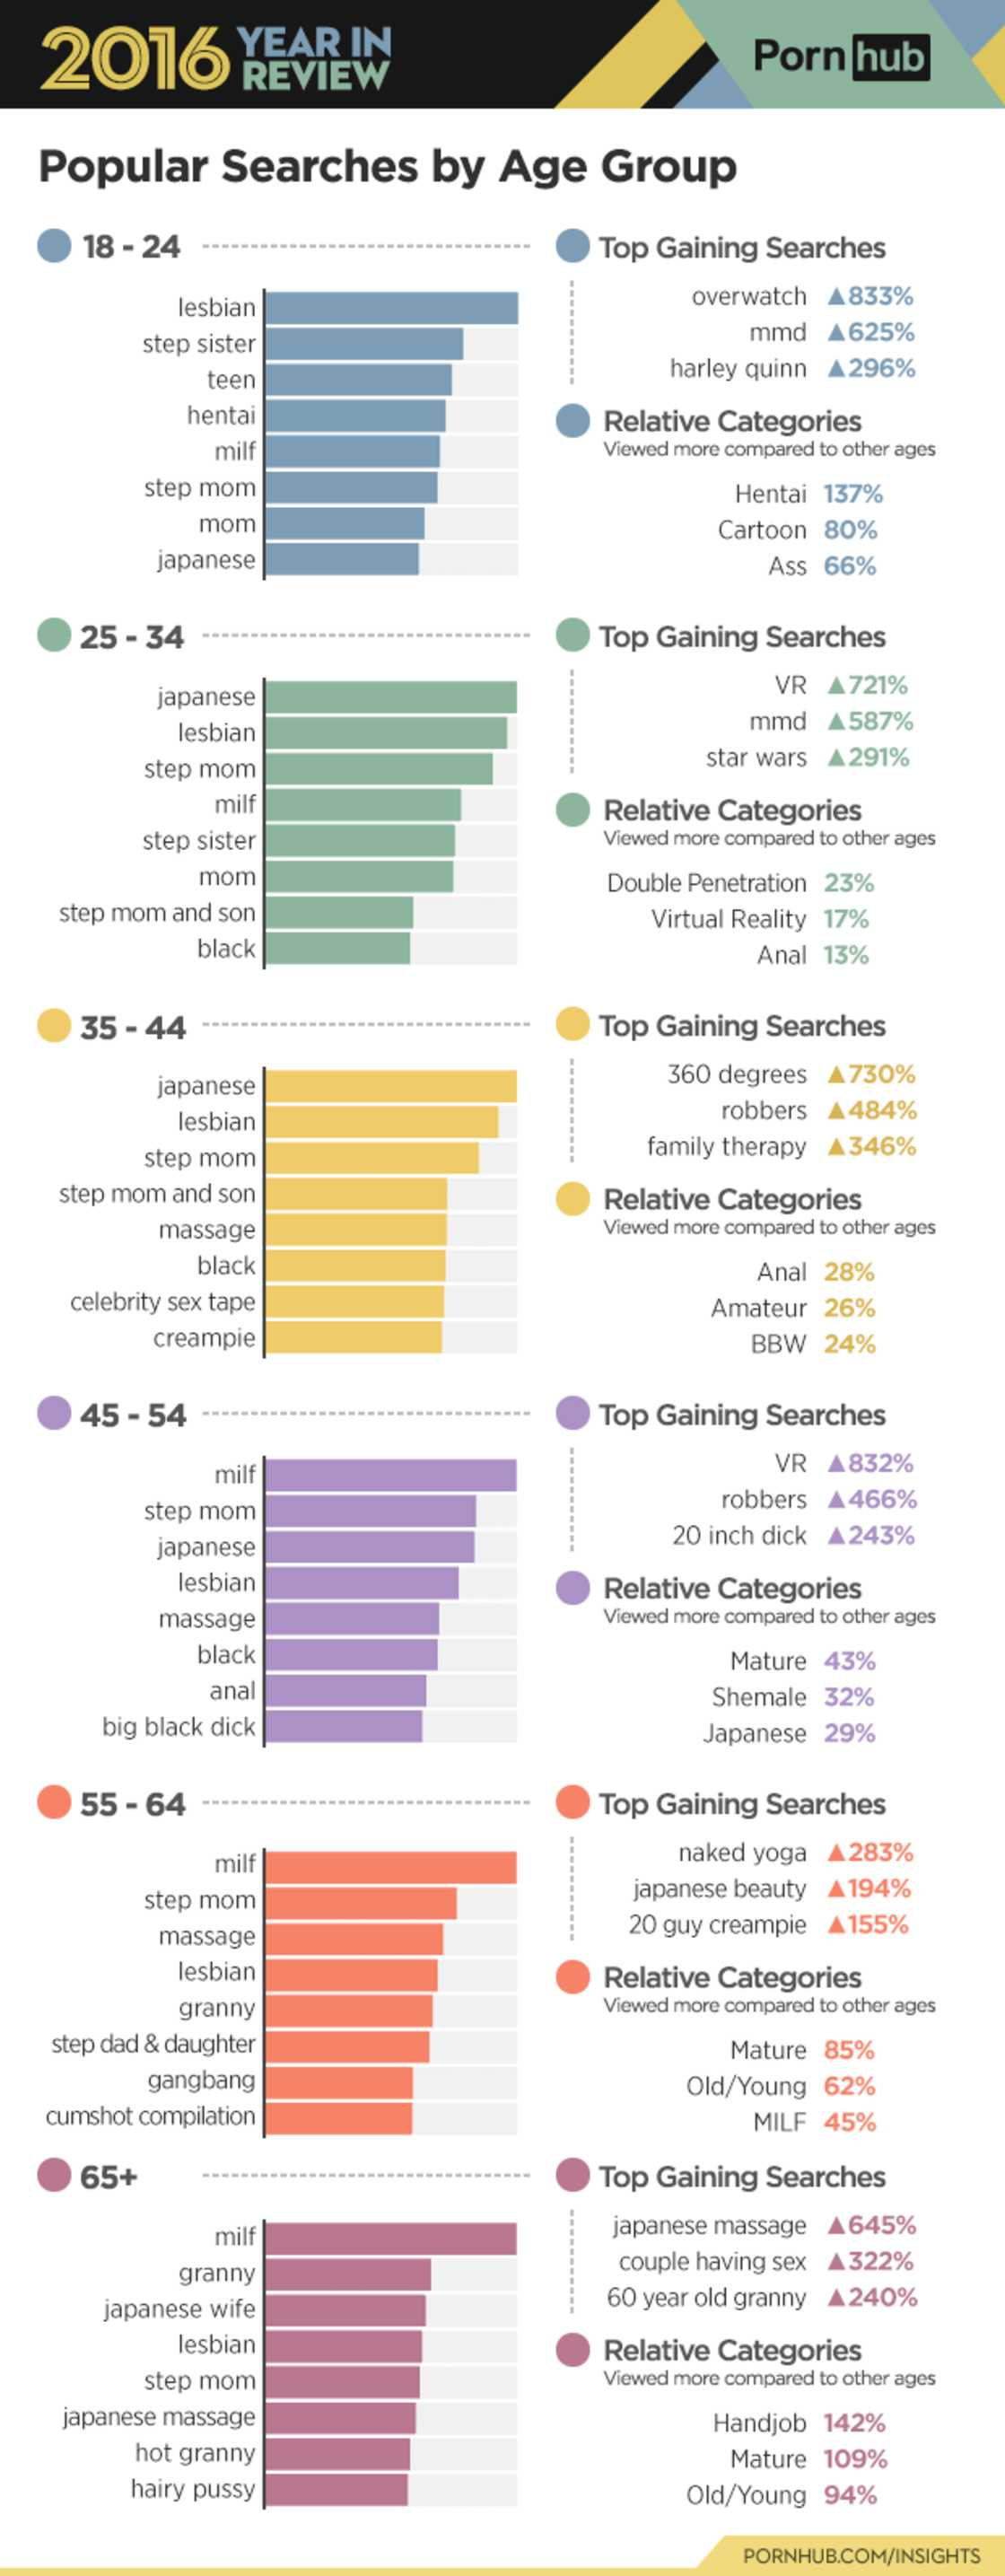 Les chiffres de pornhub en 2016